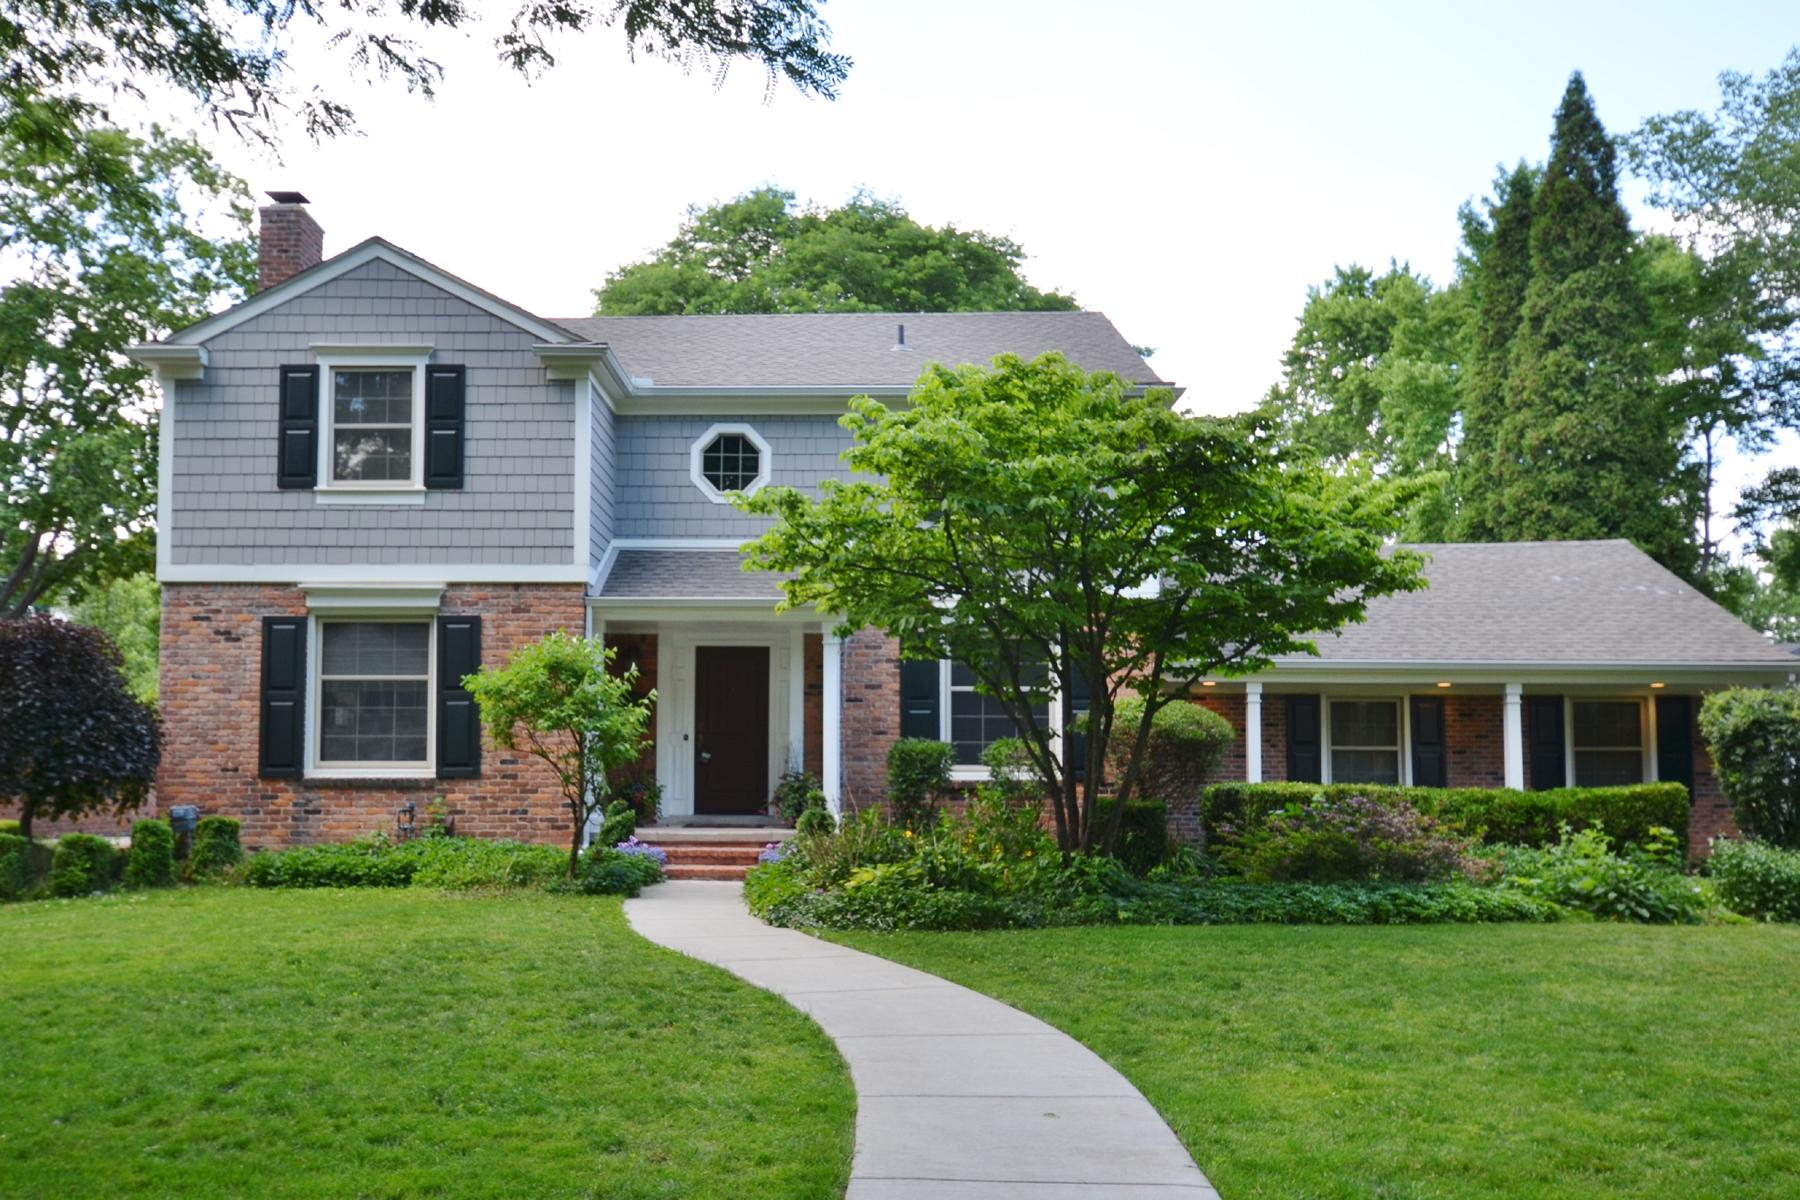 独户住宅 为 销售 在 Birmingham 593 Fairfax 伯明翰, 密歇根州, 48009 美国